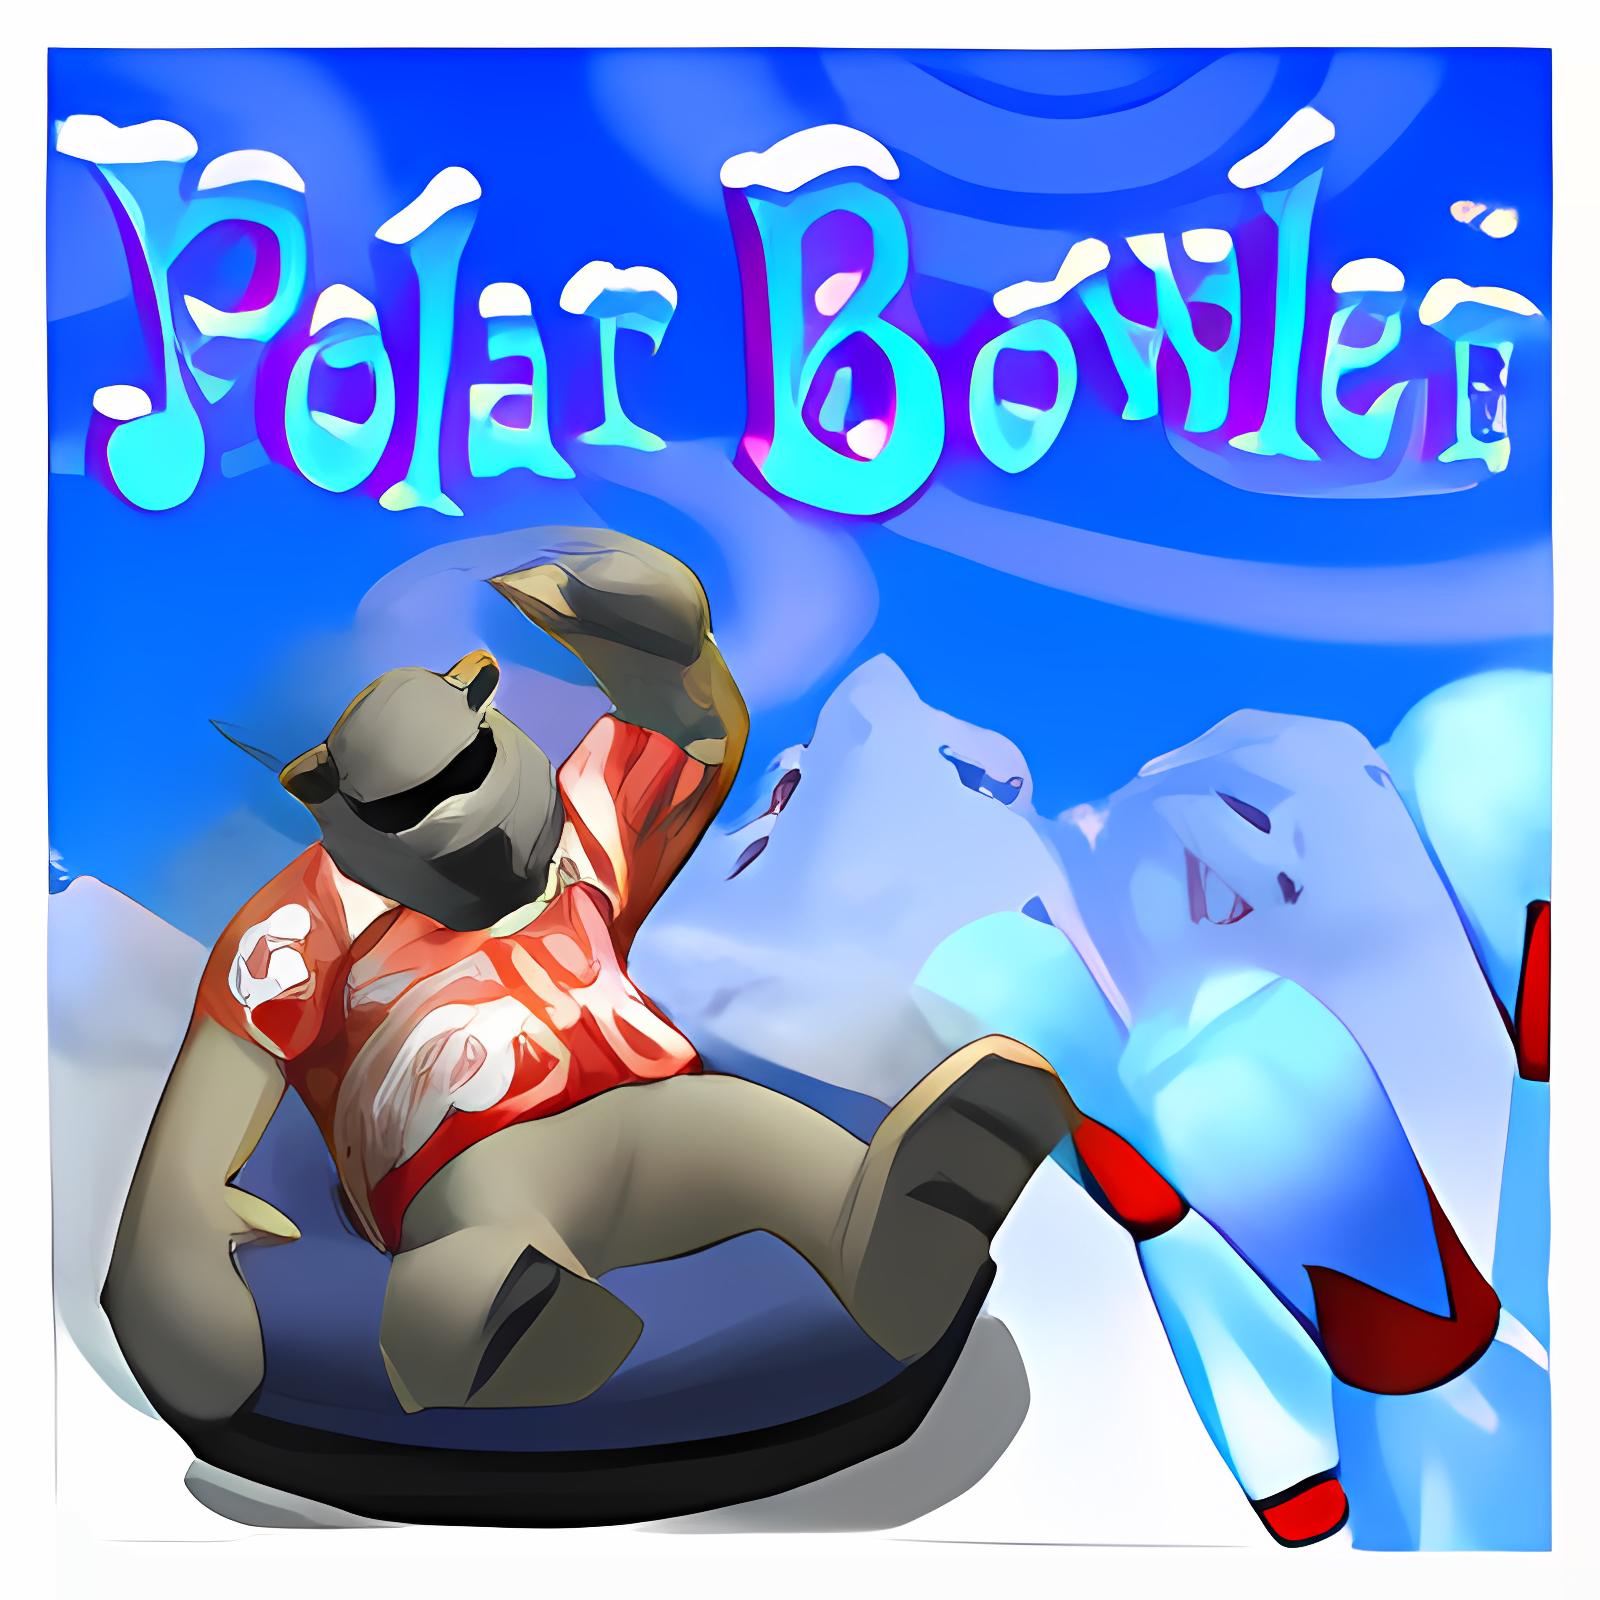 Polar Bowler